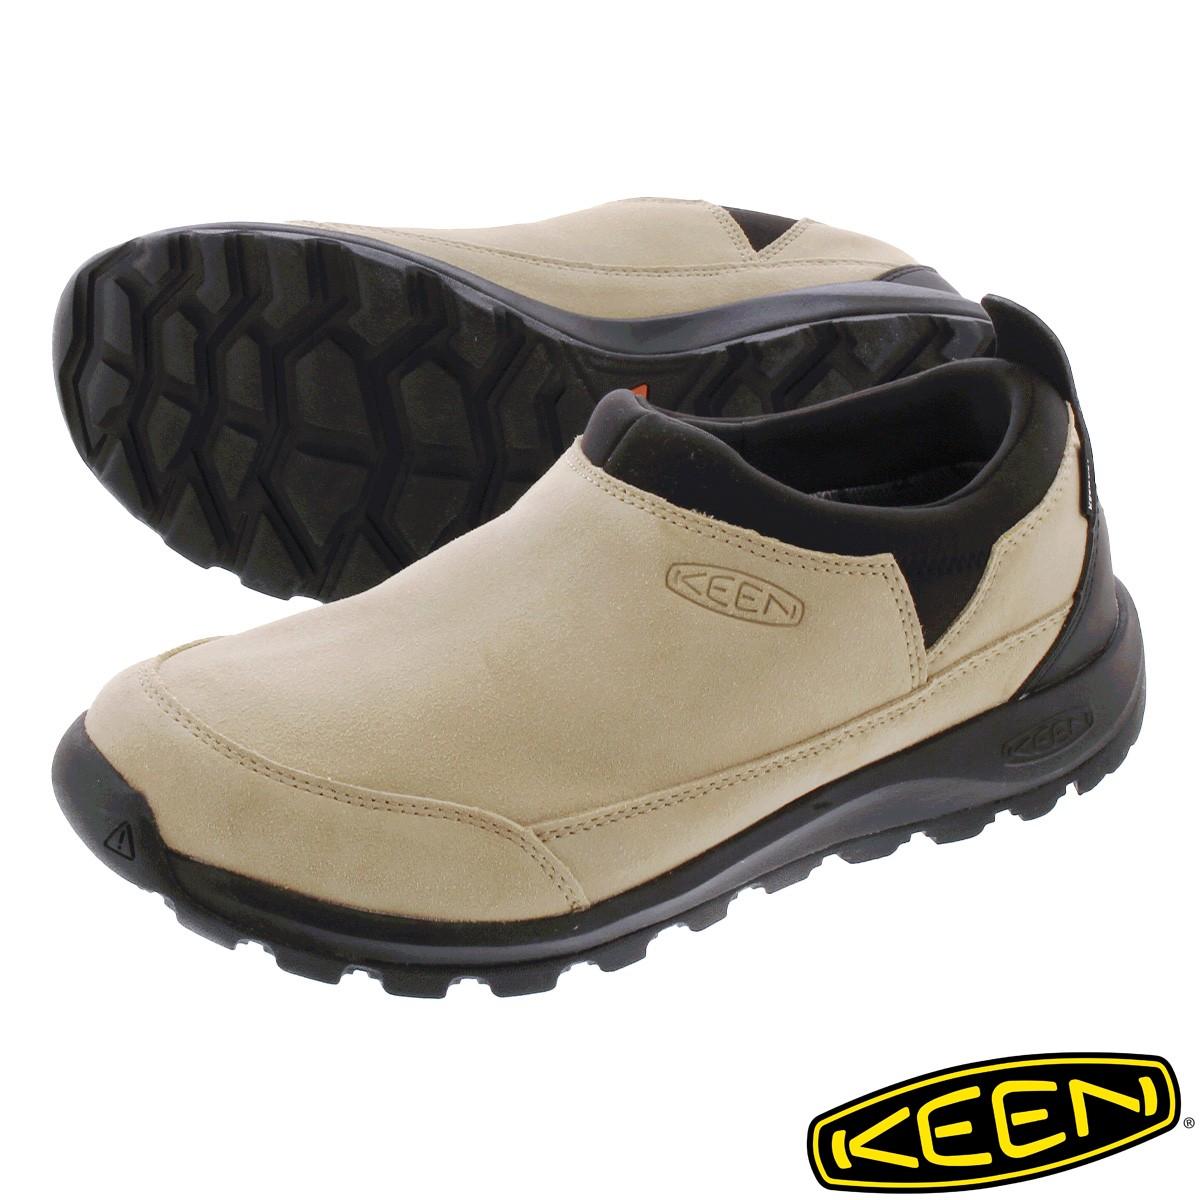 送料無料 KEEN キーン スニーカー 靴 スリッポン お求めやすく価格改定 メンズ 防水 ハイキング テレビで話題 アウトドア 登山 1023838 GLIESER グリーザー BLACK MOC フェス SAFARI WP モック ウォータープルーフ ベージュ